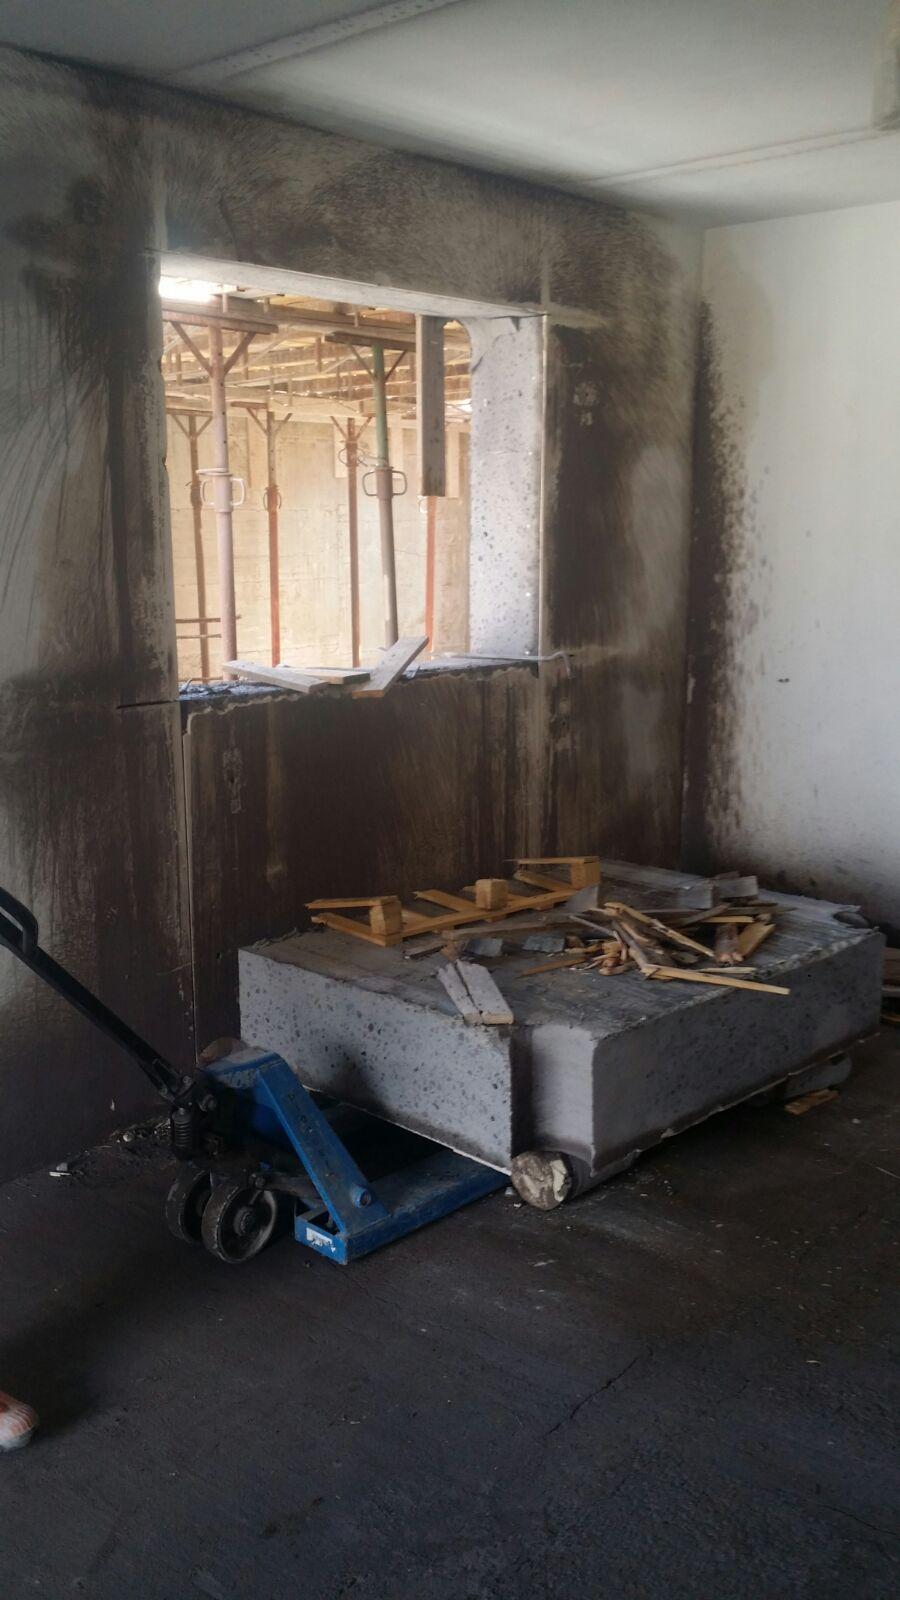 Demolizione Scala In Cemento Armato la foto gallery di demolition group | taglio cemento armato